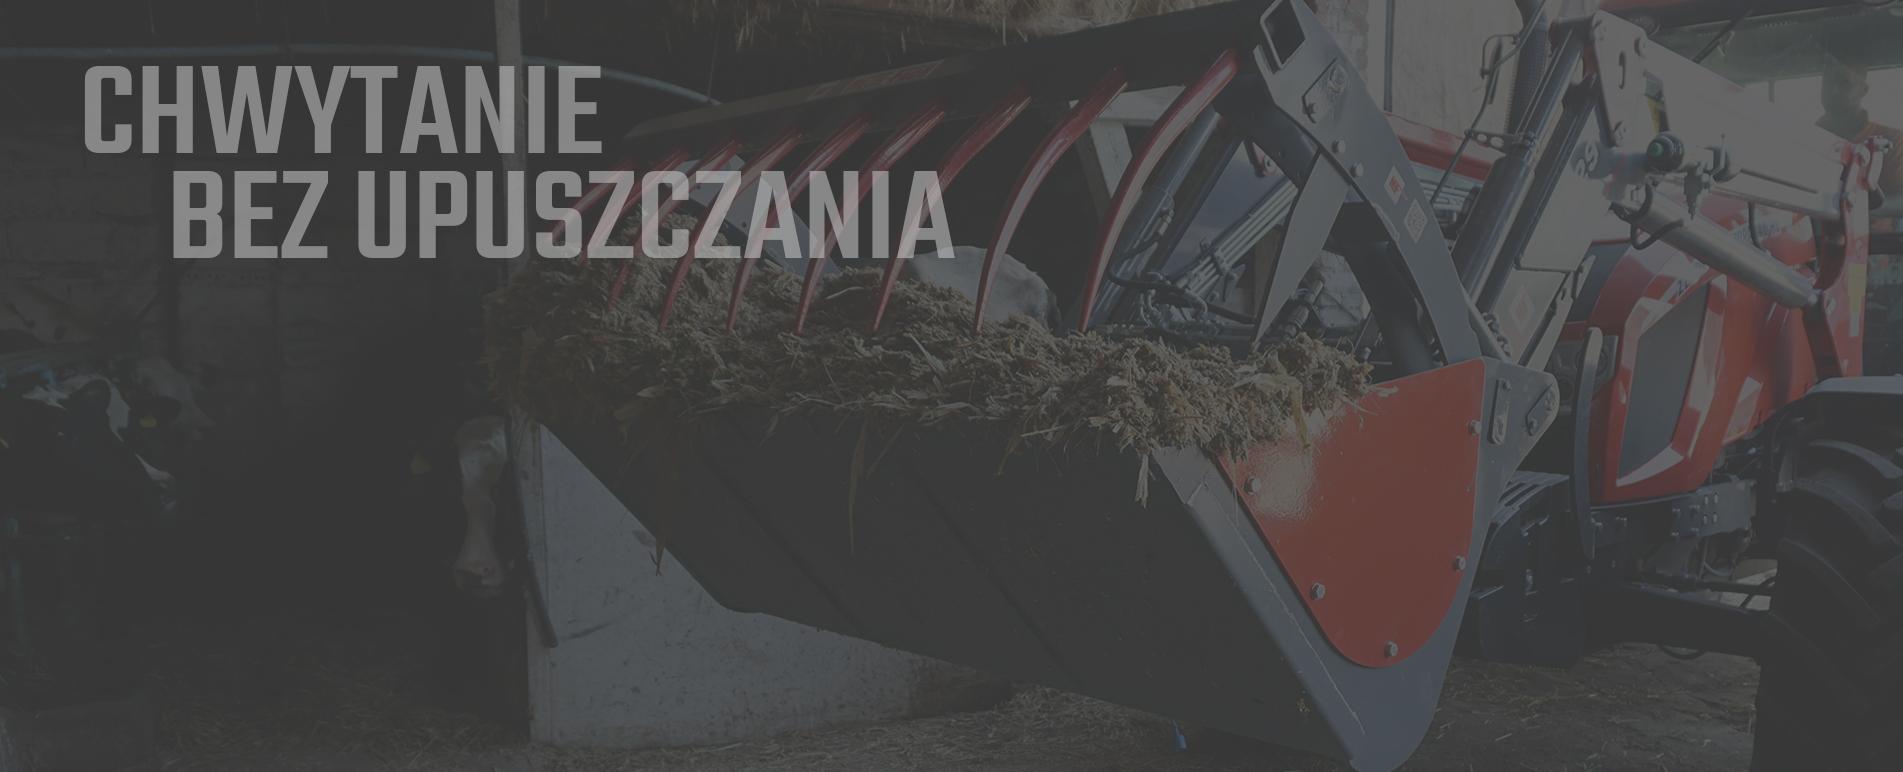 lyzka-chwytakowa_section2_chwytanie